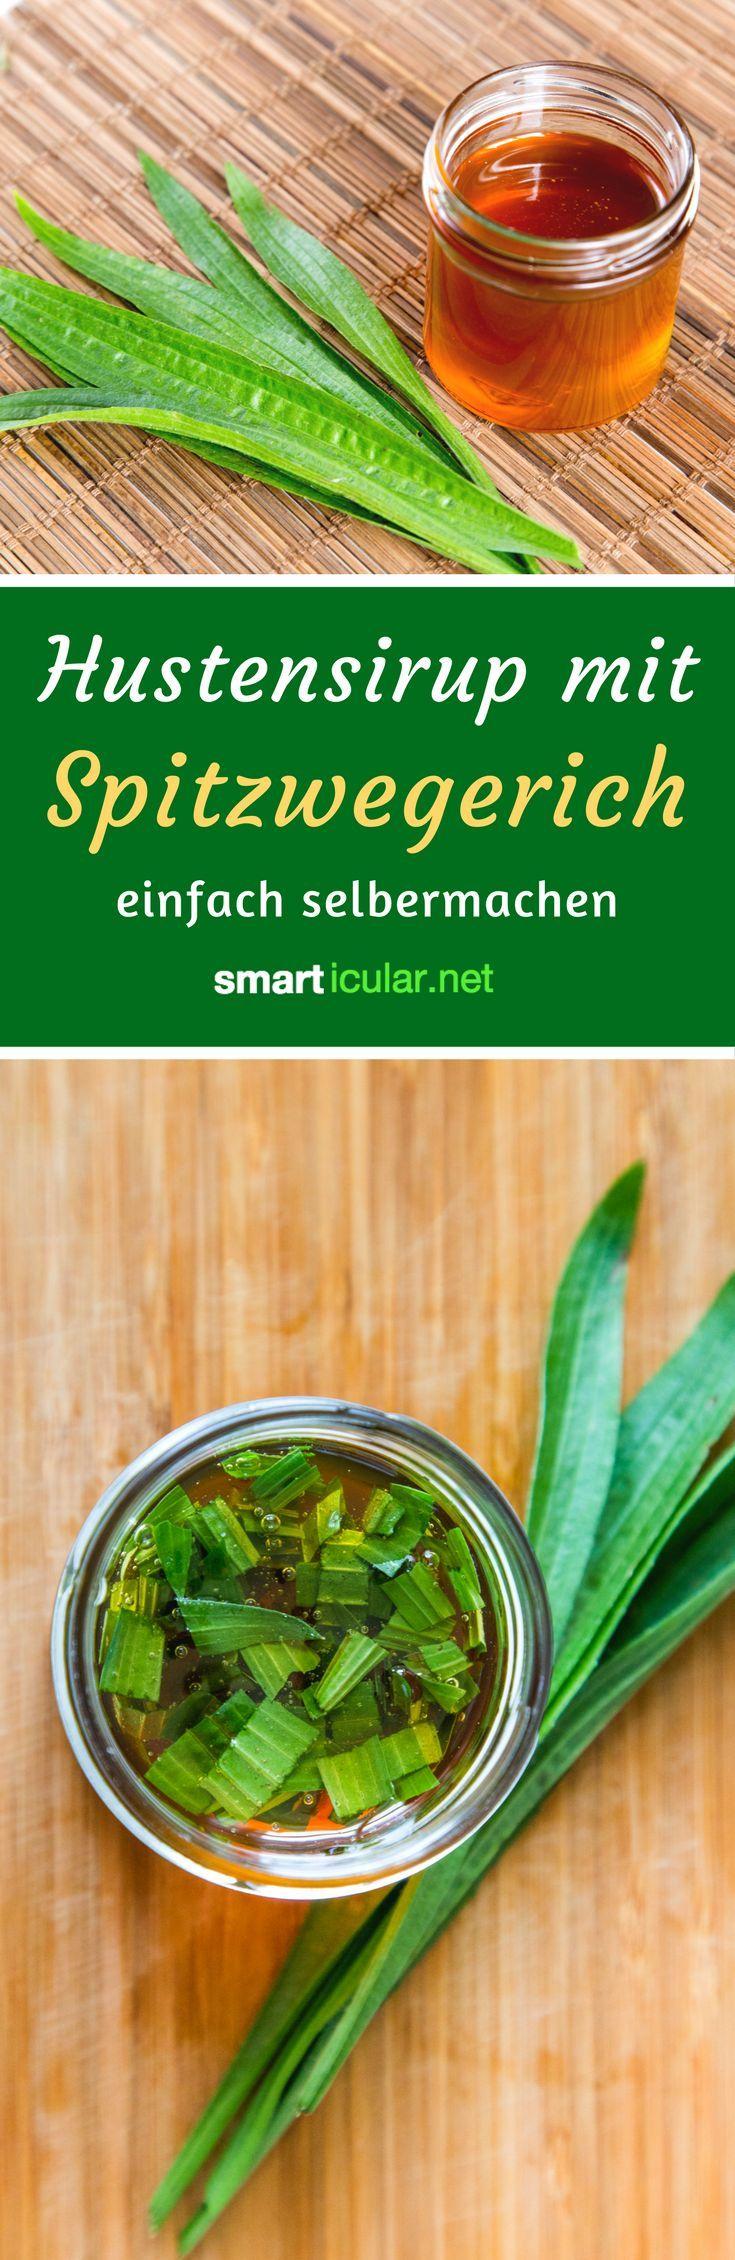 Spitzwegerich-Sirup gegen Halsschmerzen selber machen mit Honig